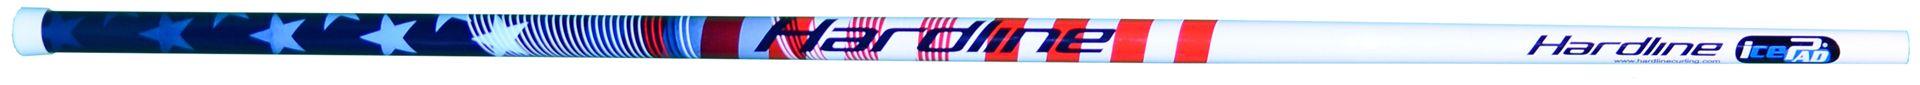 Patriot Hardline broom handle